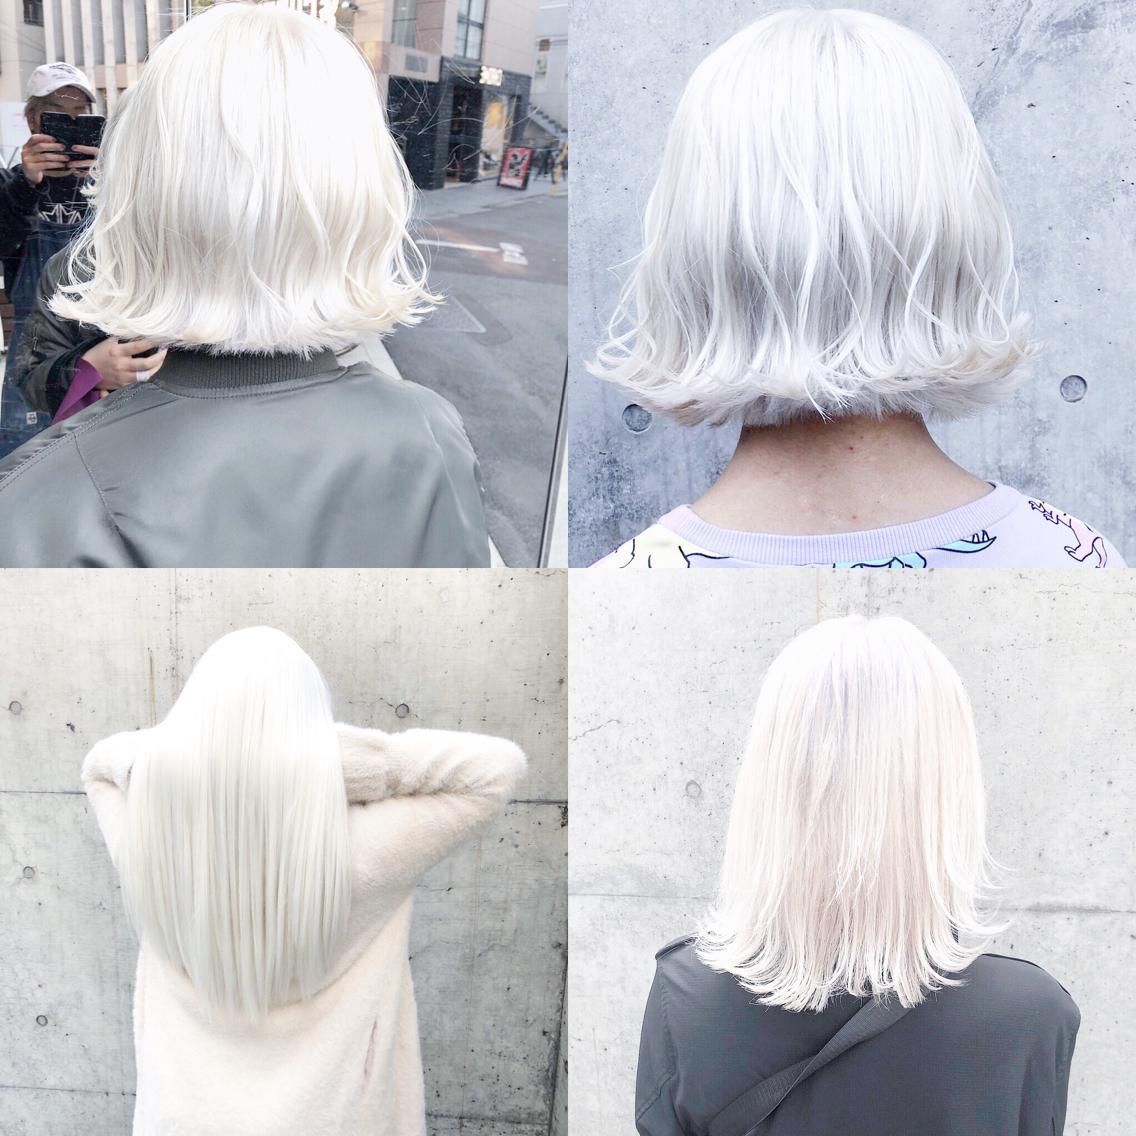 #カラー ホワイトまとめ🇰🇷   ・perfect White・ ✳︎10800円〜✳︎ ✳︎minaでブリーチ3〜5回出来れば綺麗なホワイトヘアを作れます👻 ✳︎ ✳︎ダメージが強いとブリーチが出来ない場合もあるのでご了承ください ✳︎ムラシャンはエンシェールズのシャンプーを薄めて使うのがオススメ🧖🏻♀️ ✳︎ ✳︎黒染めや縮毛、デジパをしていなくてダメージがひどくなければおおよそ4〜5回ブリーチで出来ます🦄✳︎ 最後まで可愛く仕上げます🇰🇷 ✳︎ お店の近くにあるティファニーカフェで映えな写真もプレゼントします🦄 ✳︎ ✳︎黒染め履歴、ダメージが強い方はでホワイトにはならないです💦  #原宿#ハイトーンカラー#シルバーカラー#ヘアカラー#ネイビーカラー#ホワイトカラー#ブロンドヘアー#アッシュ#ケアブリーチ#ブロンドカラー#派手髪#ラベンダーカラー#ミルクティーカラー#アッシュ#ミルクティーベージュ#ブルージュ#グレージュ#ピンクカラー#インナーカラー#ハイライトカラー#グラデーションカラー#bts#seventeen#twice ✳︎ ✳︎ ✳︎